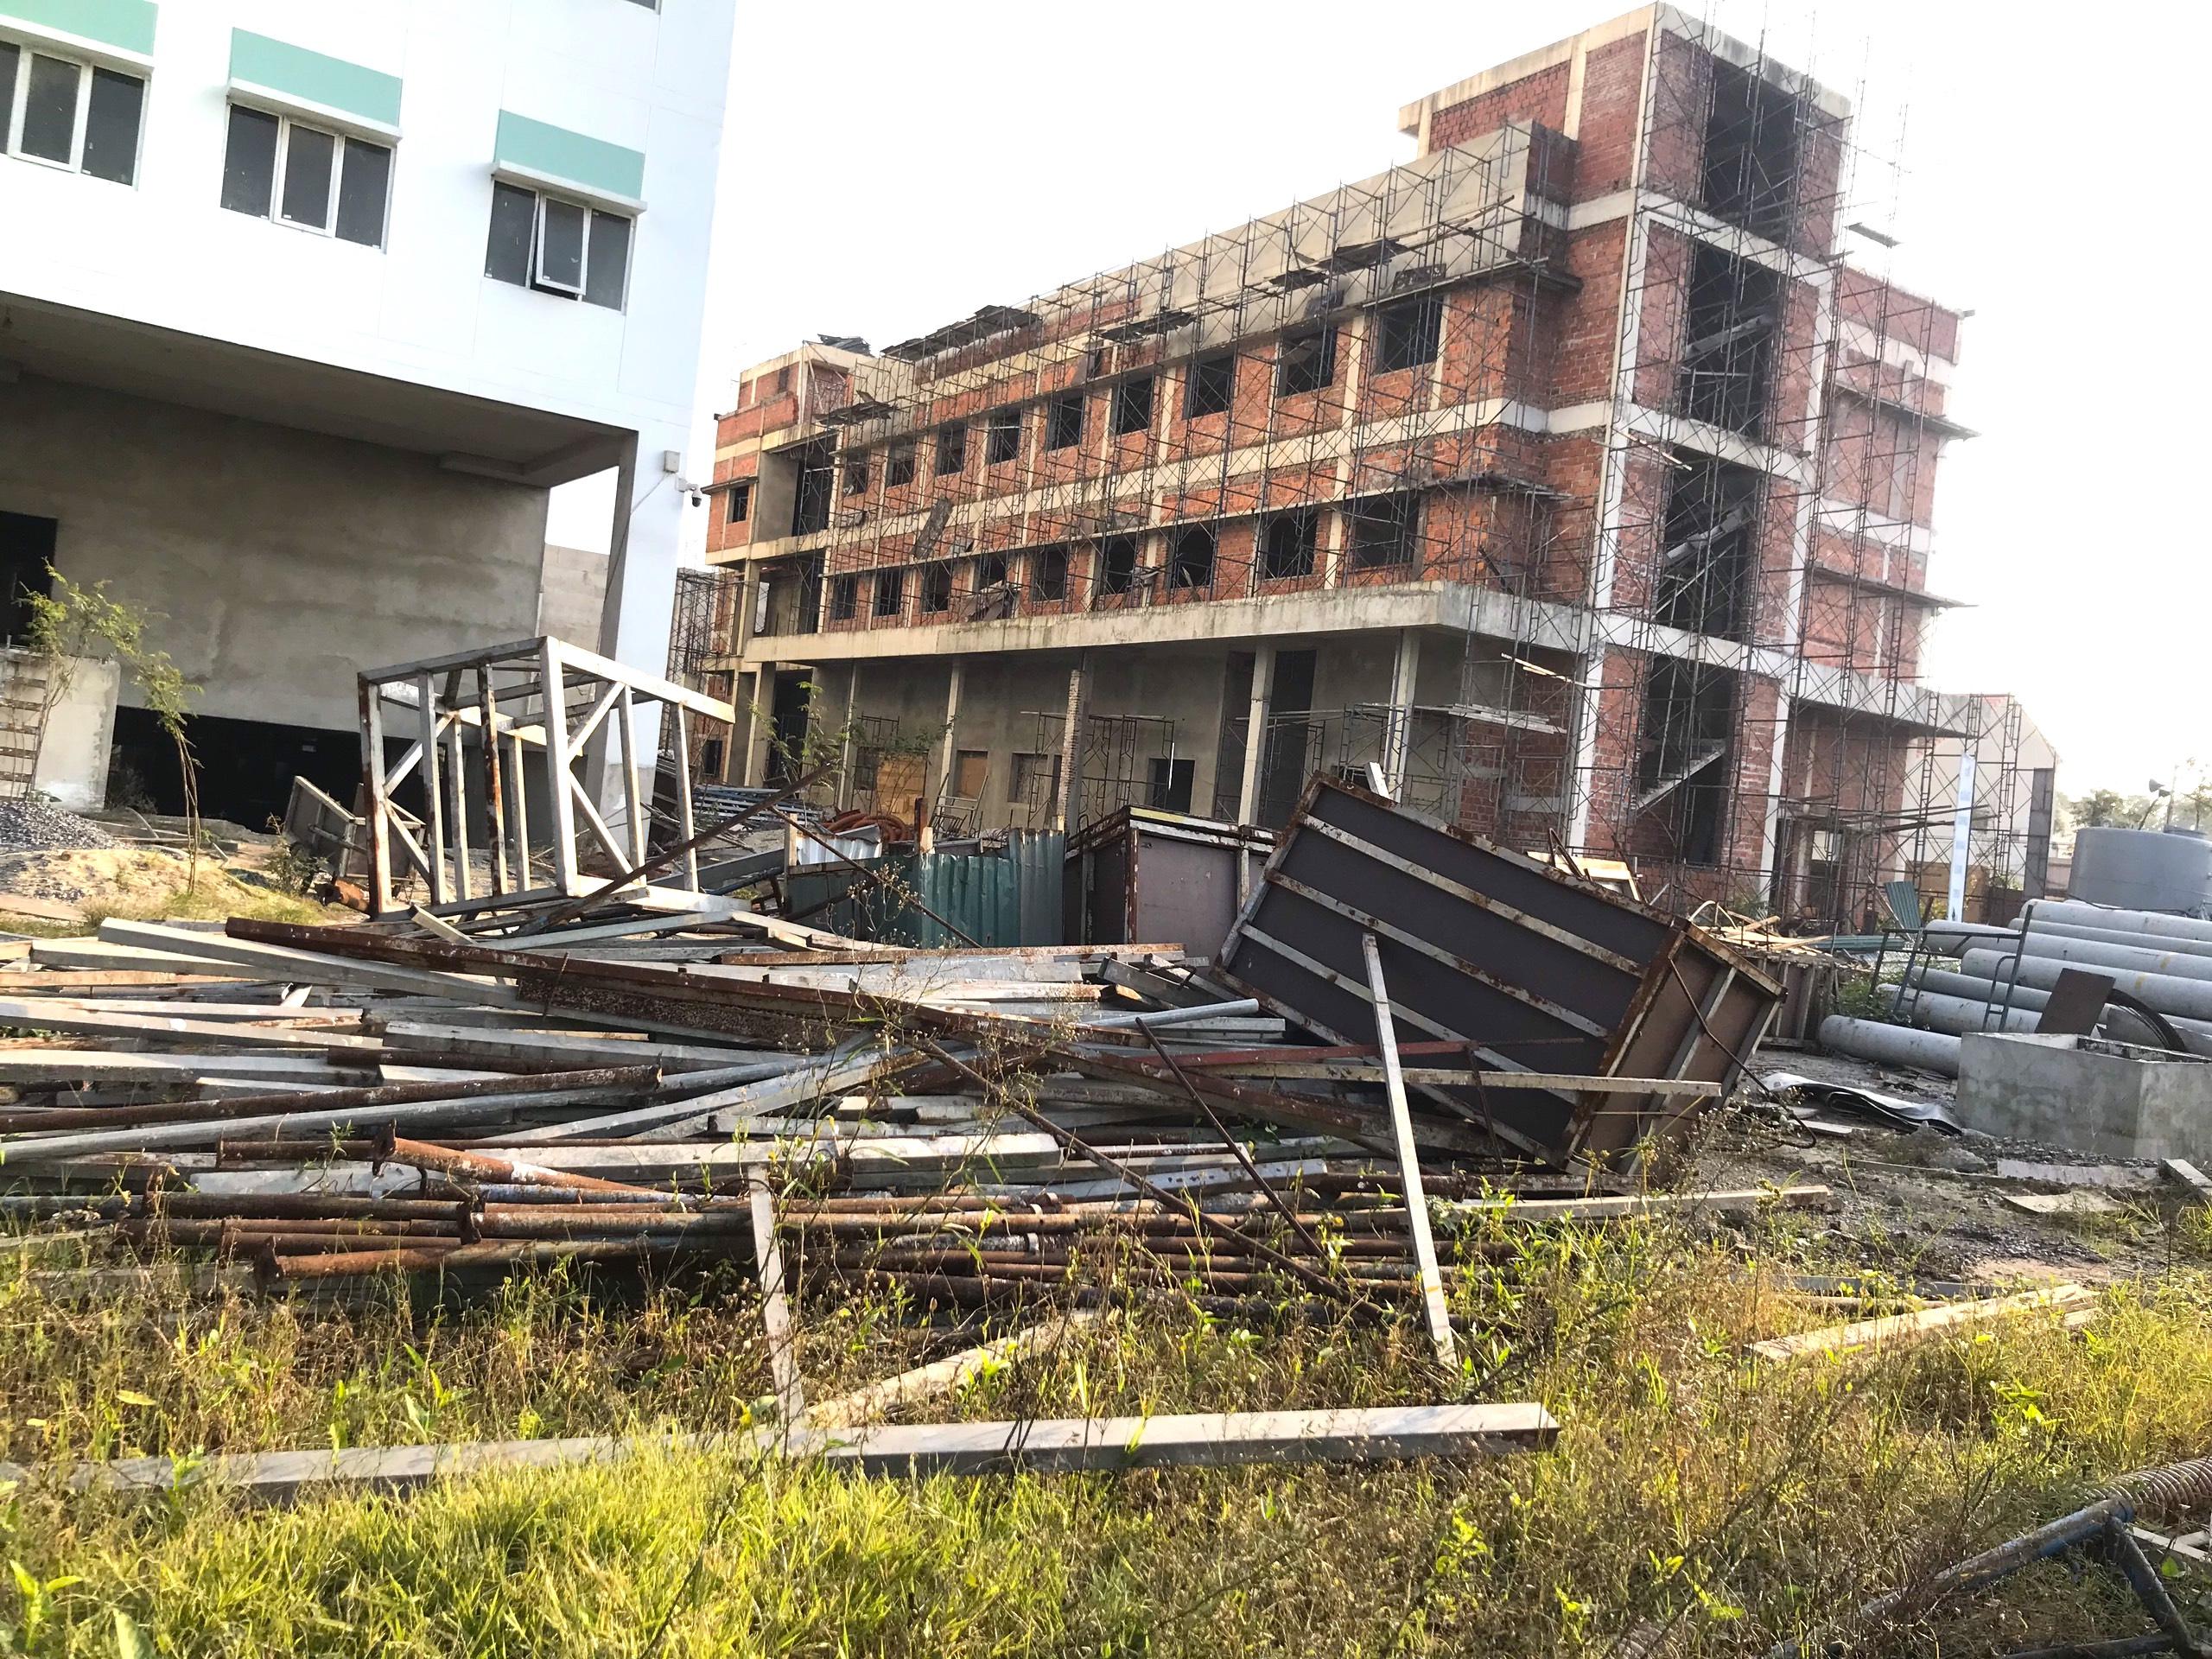 Cảnh nhếch nhác, cỏ mọc um tùm trong dự án bệnh viện nghìn tỷ lớn nhất Bắc Trung Bộ - Ảnh 16.